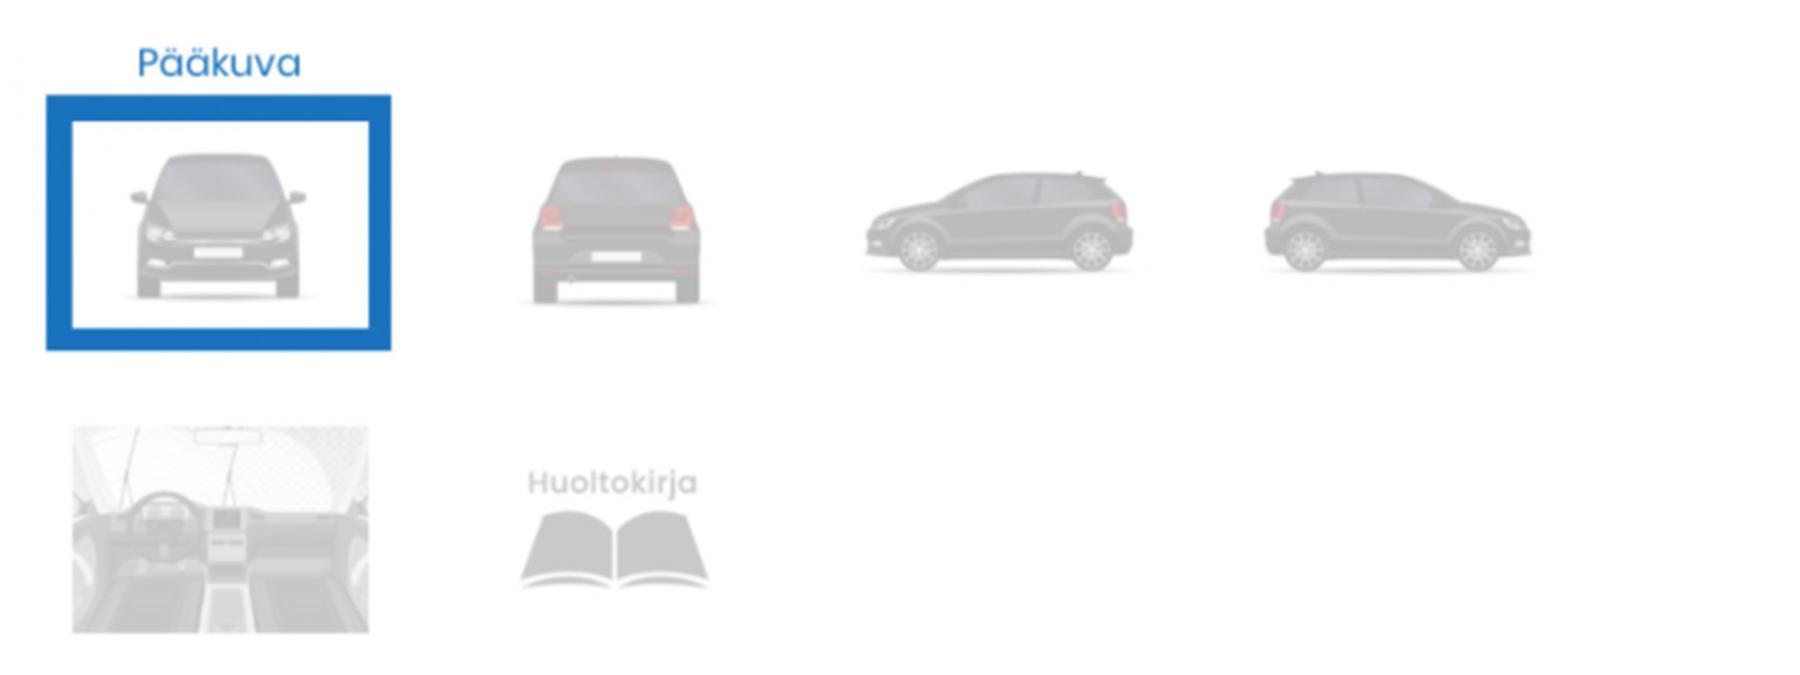 Kuvakulmia autosta hyvän auton myynti-ilmoituksen tekemiseen.